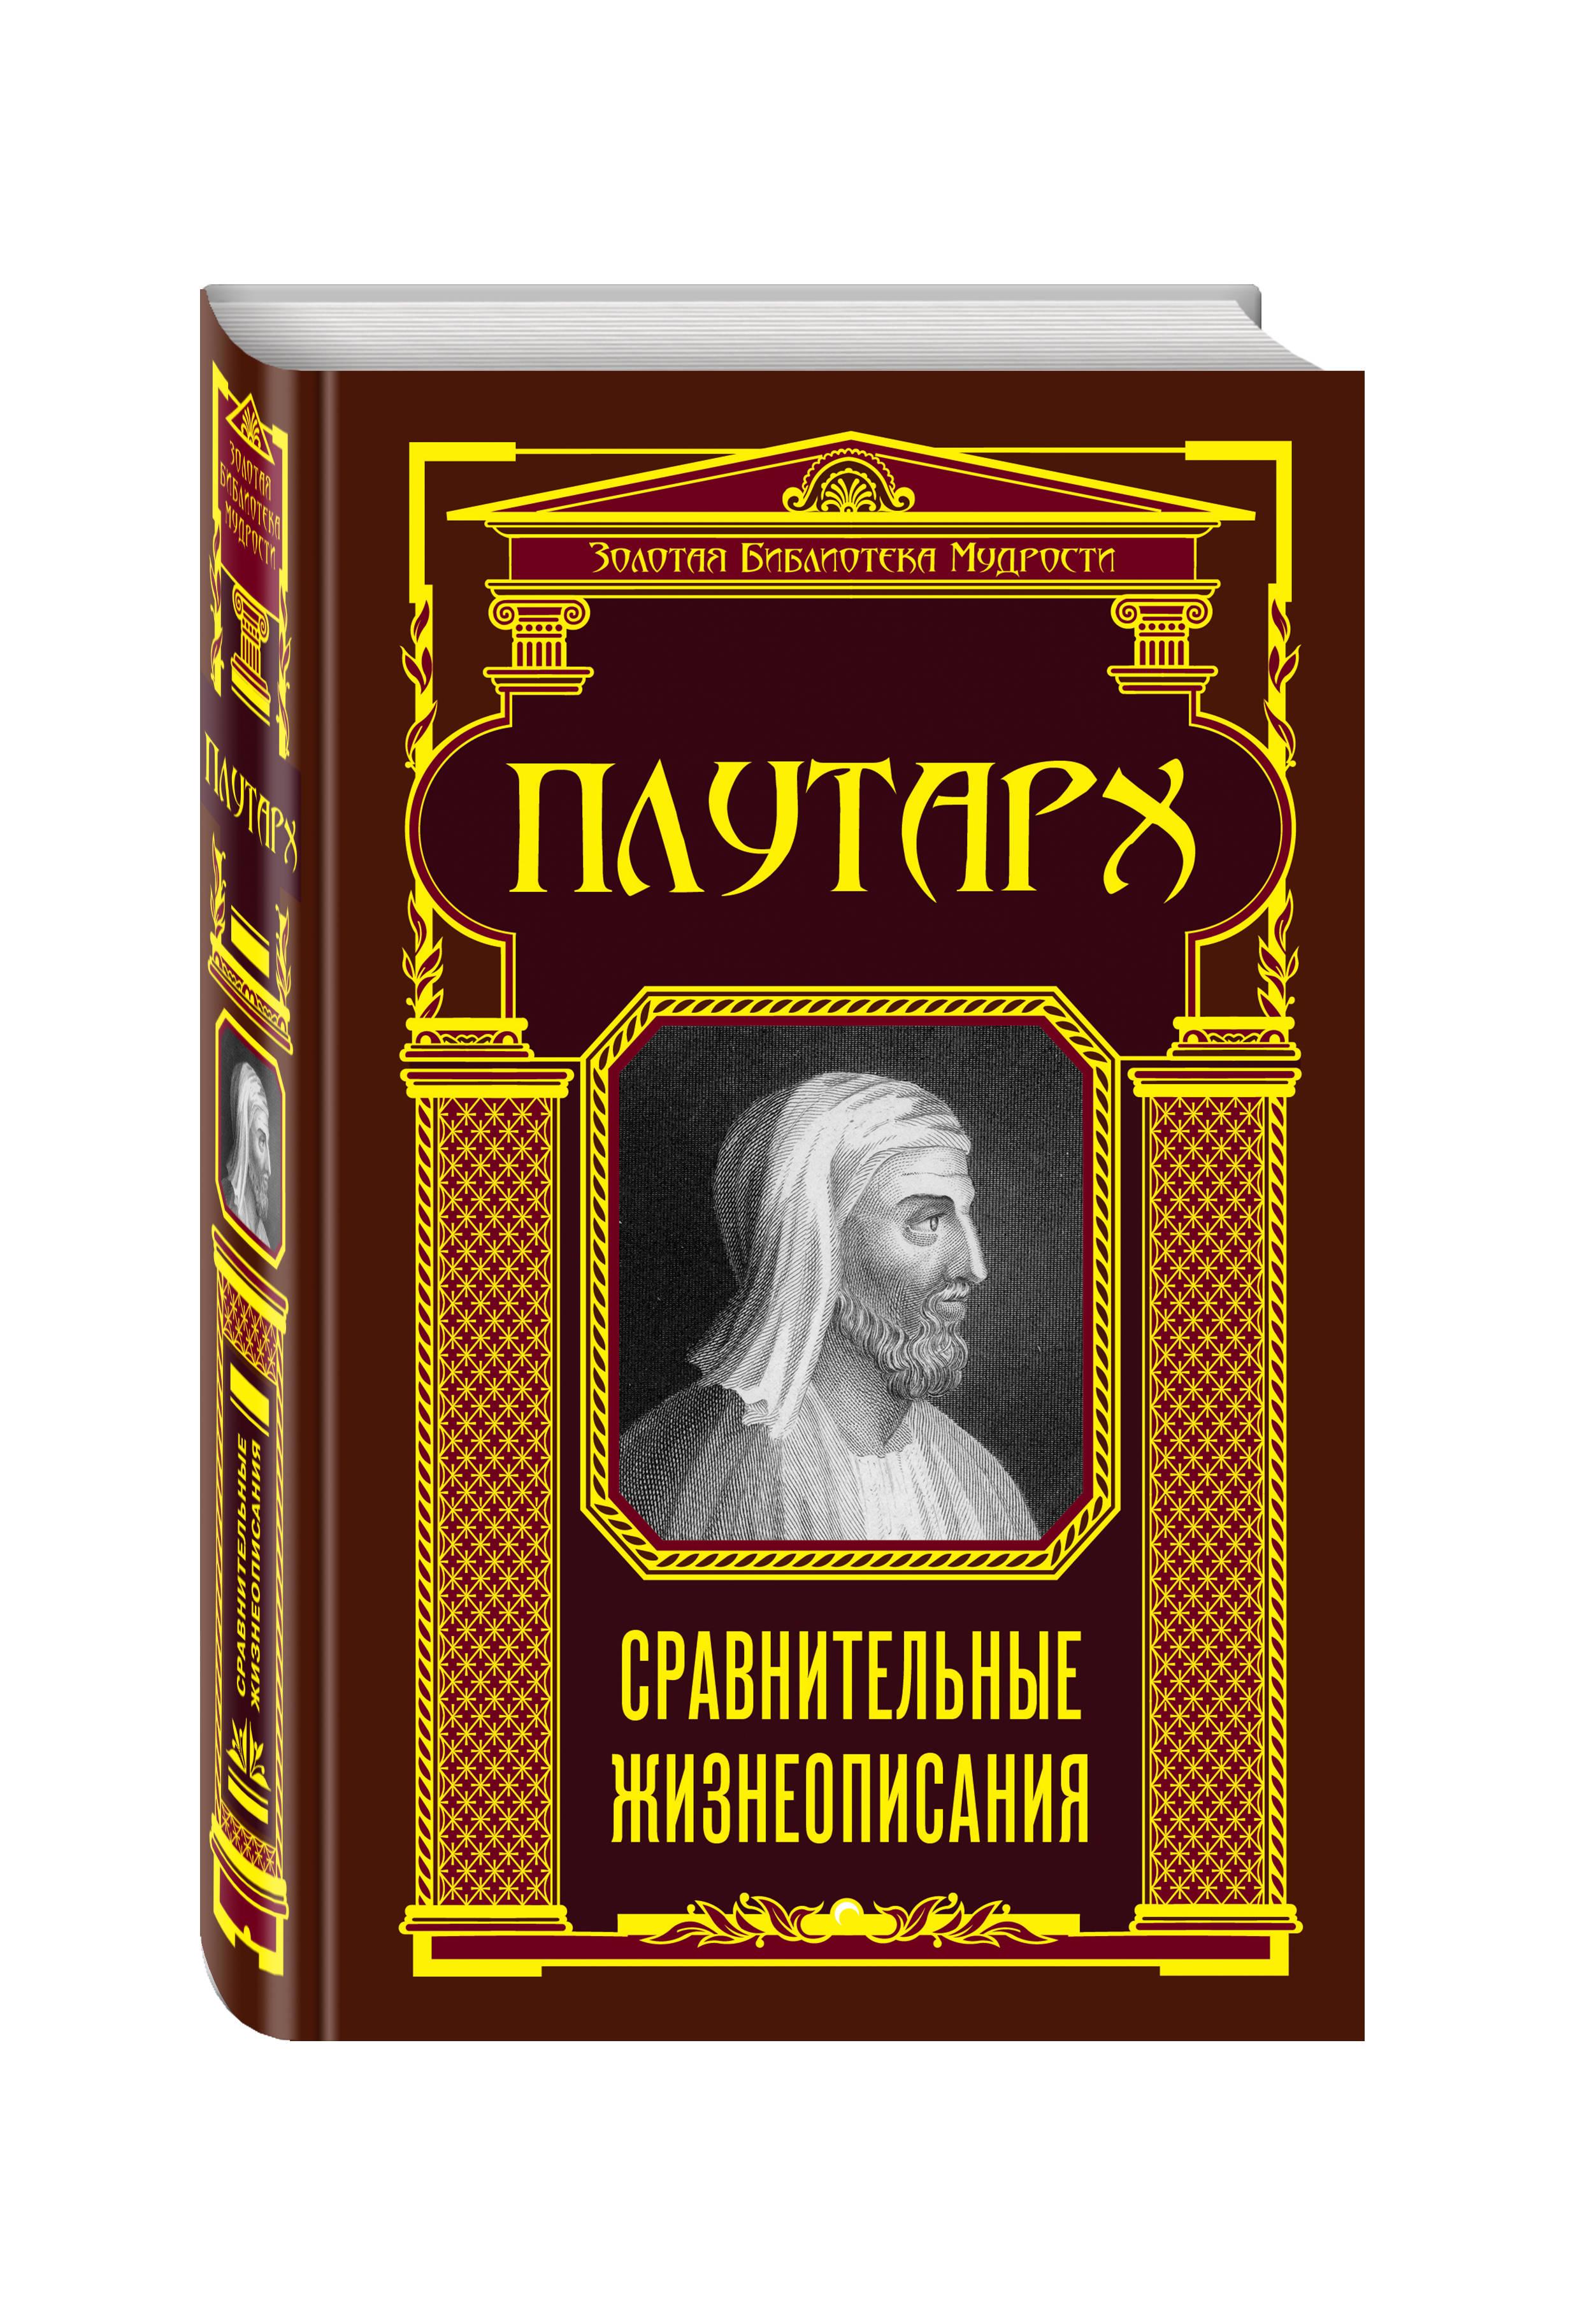 Плутарх Сравнительные жизнеописания (ЗБМ) ws 641 1 статуэтка александр македонский 1221114